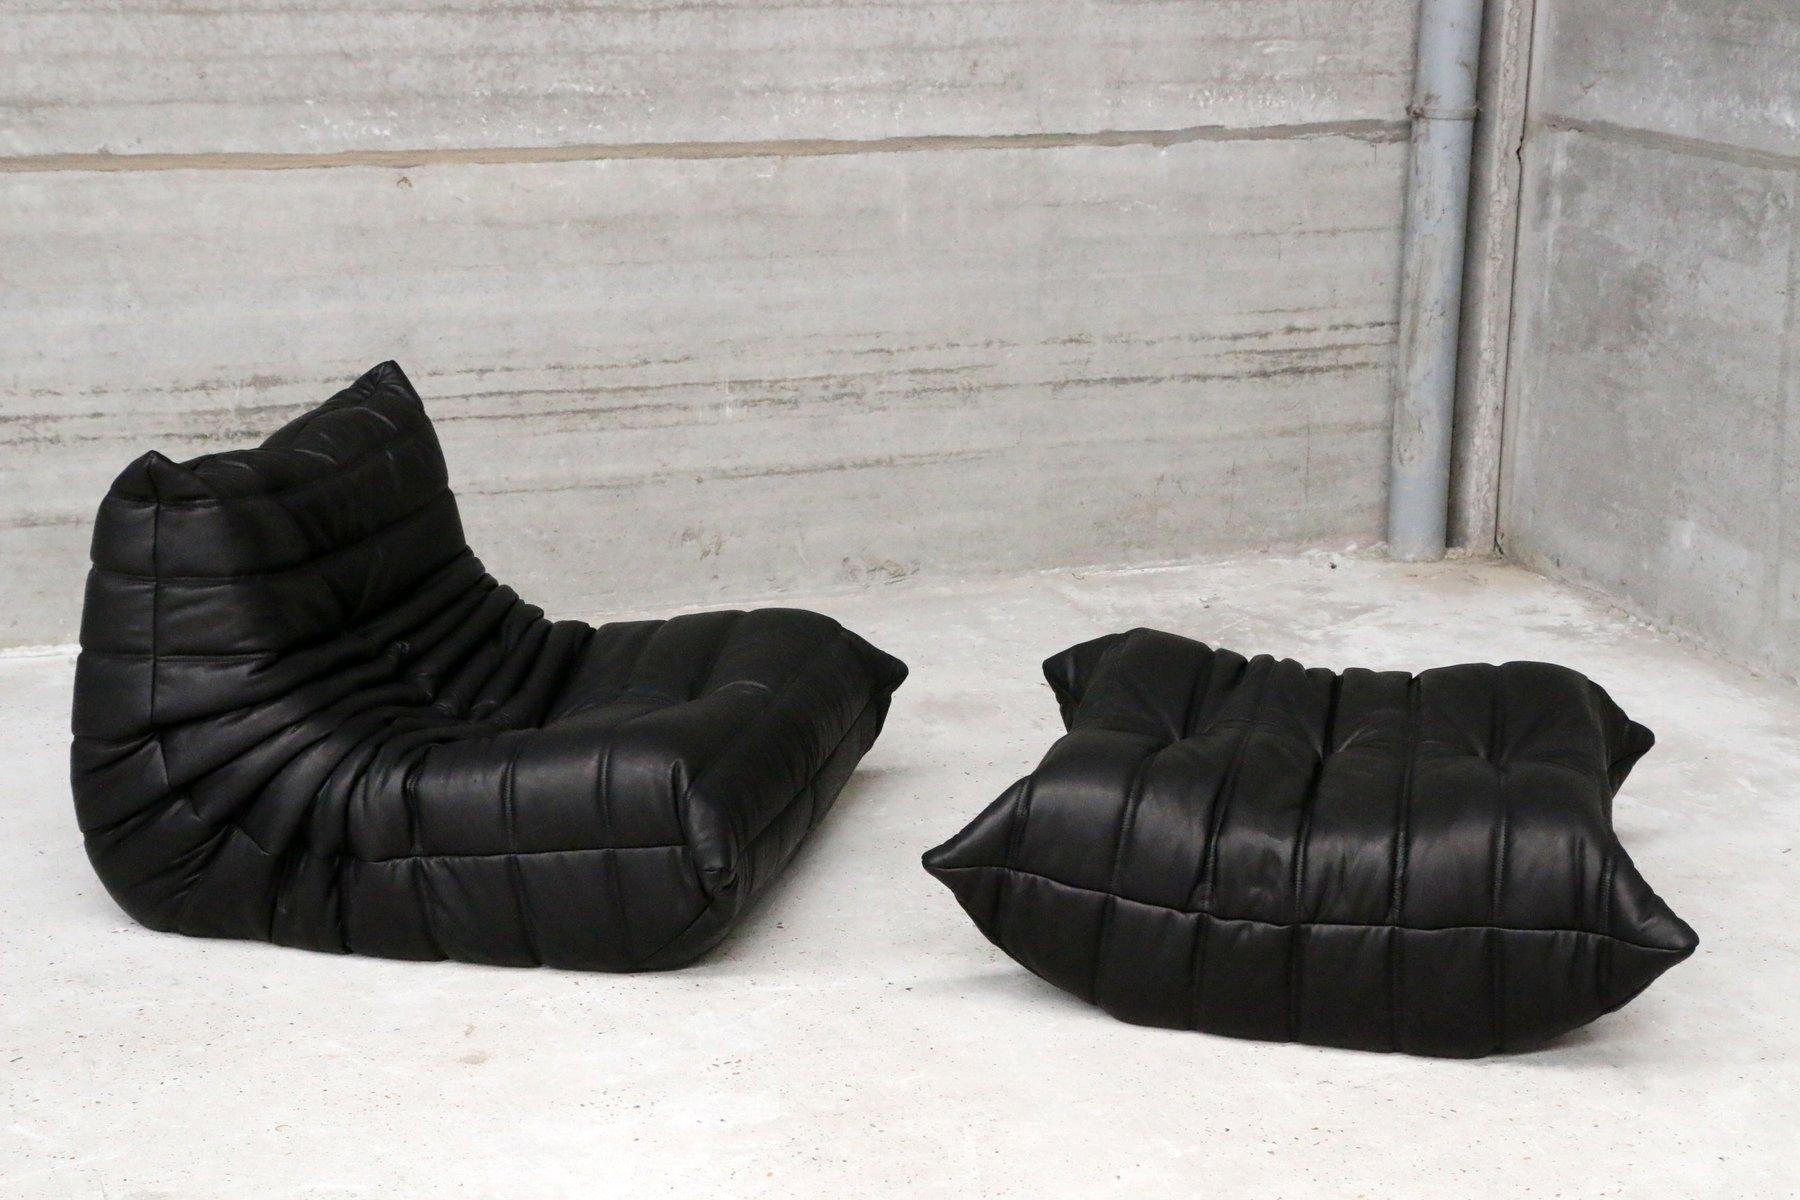 schwarzes vintage togo ledersofa & ottoman von michel ducaroy für, Wohnzimmer dekoo